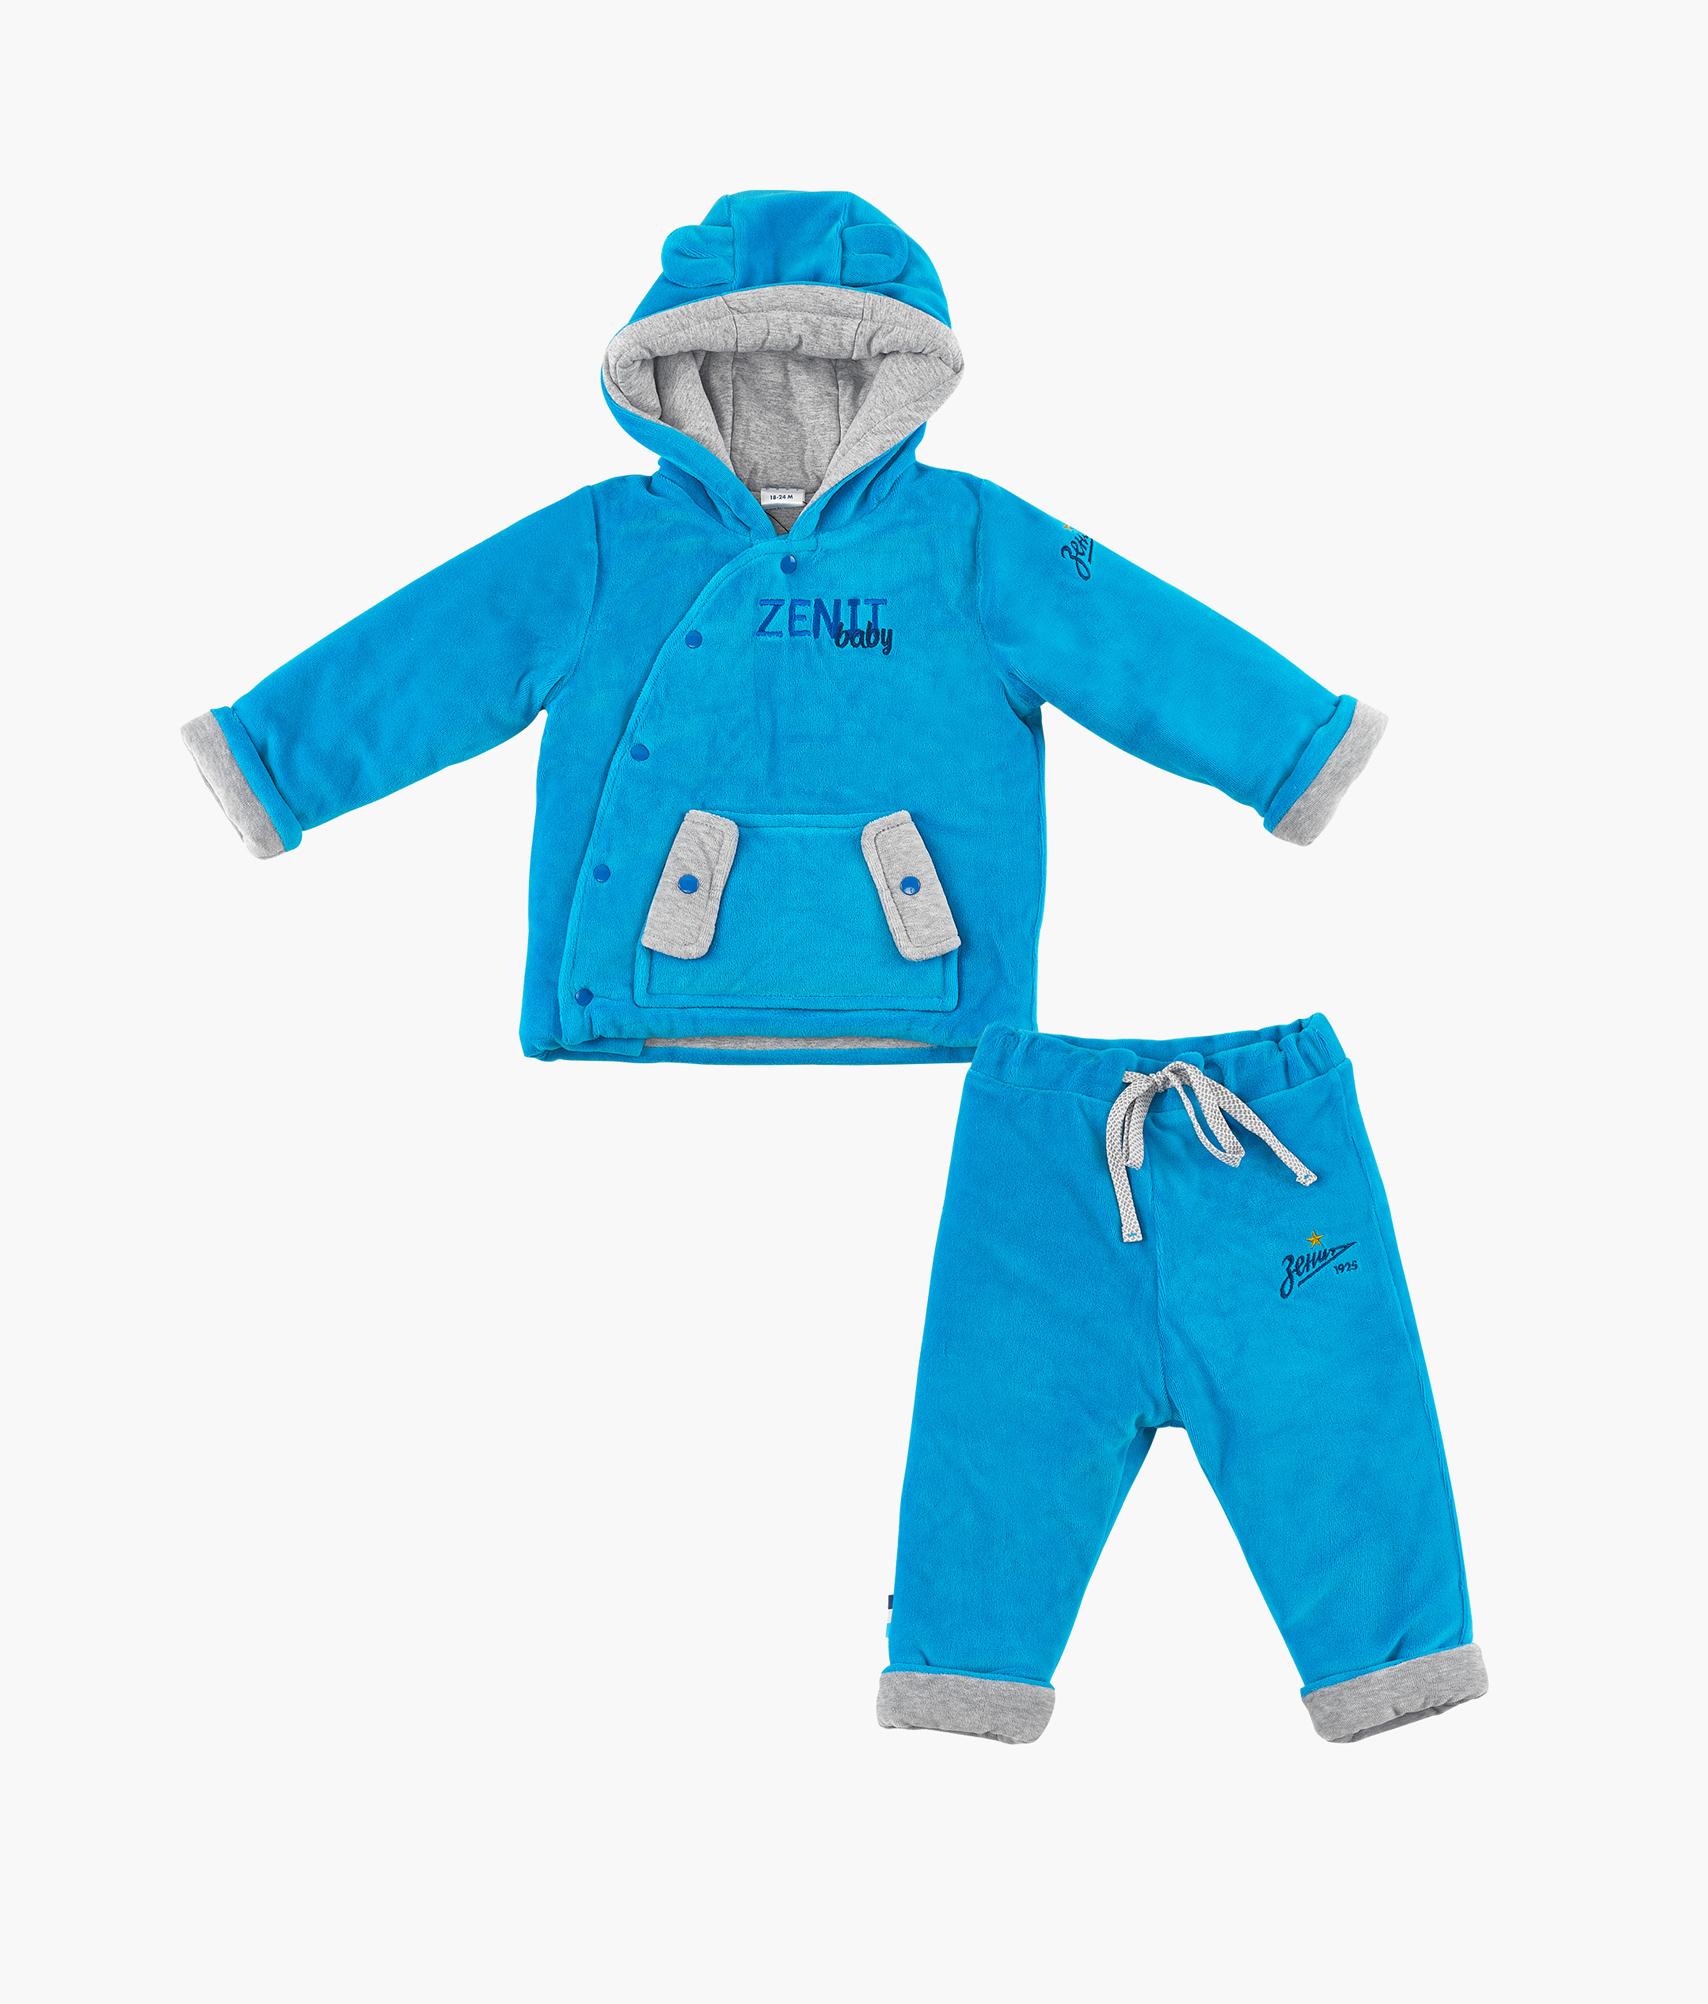 цена Комплект детский (толстовка+брюки) Зенит Цвет-Лазурный